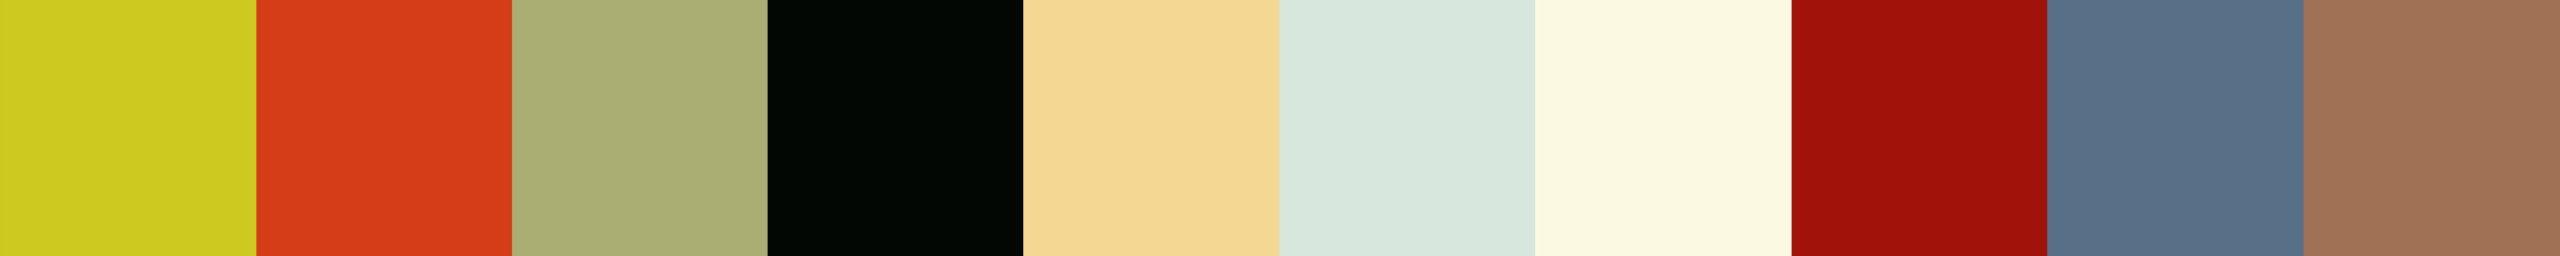 456 Liboa Color Palette